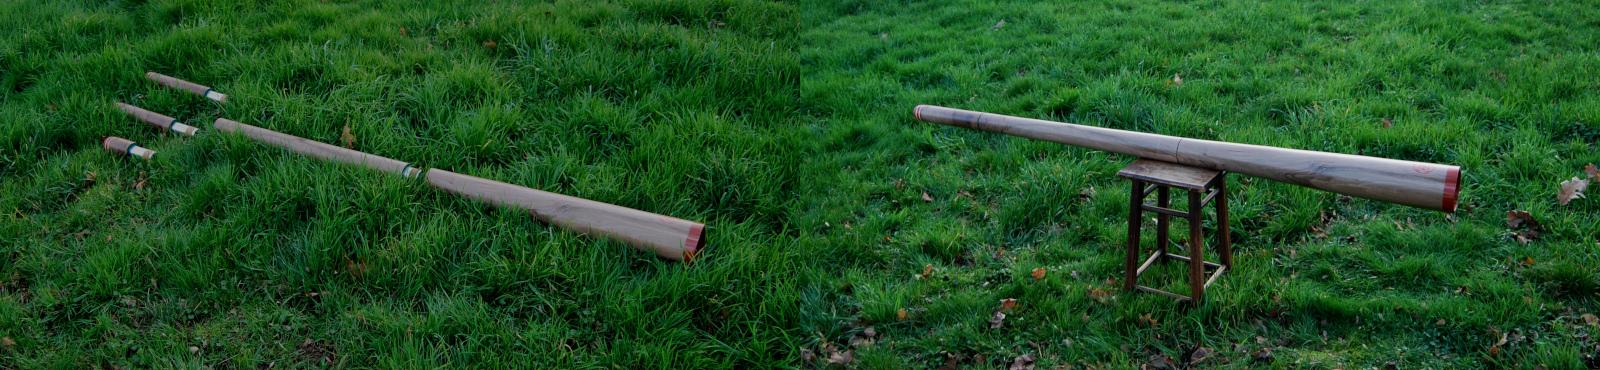 Pivert Didgeridoos_114_Banniere